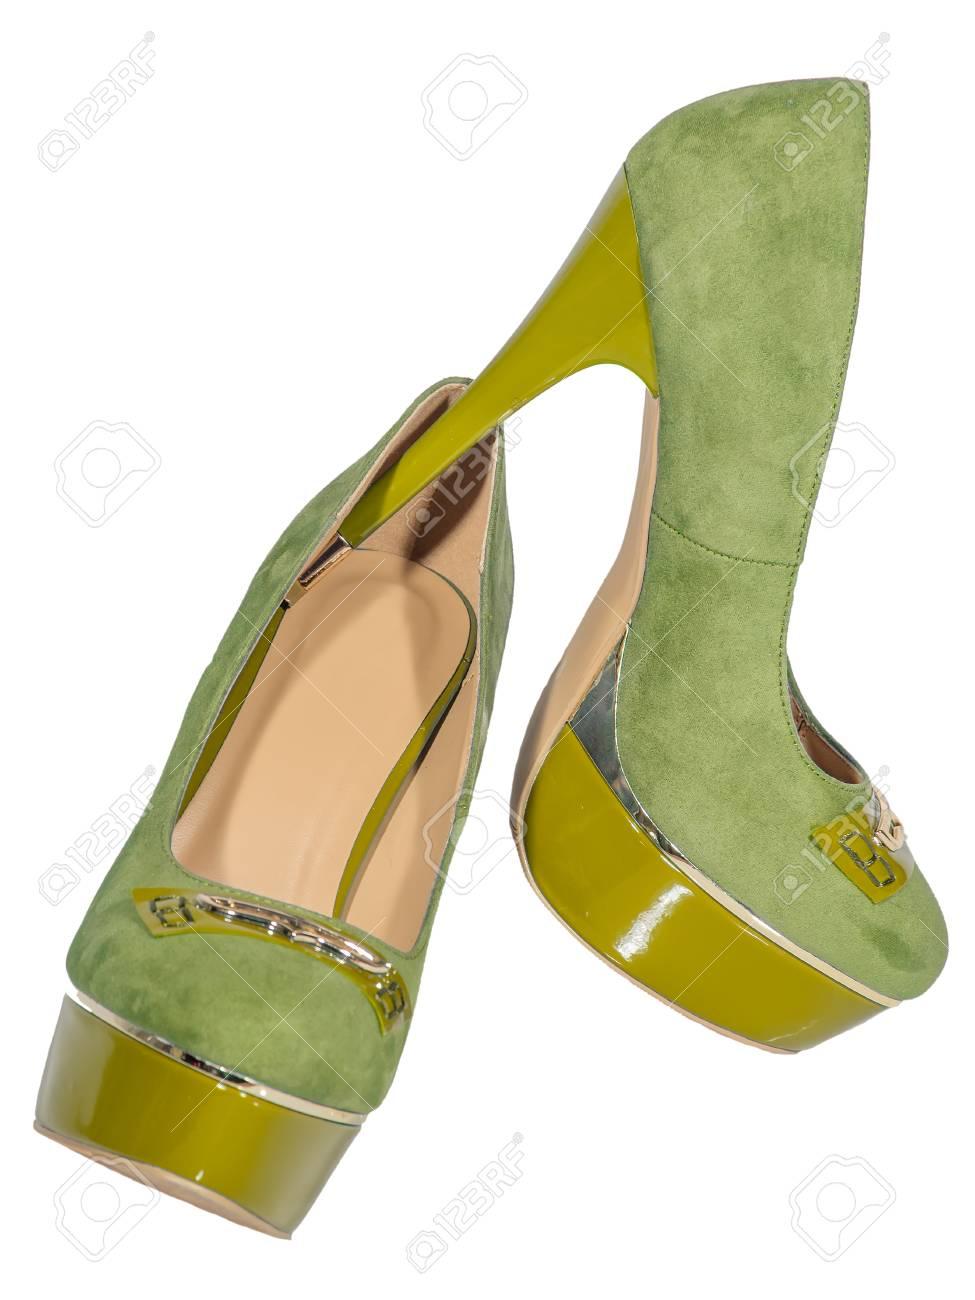 da0b9f33fff1 Zapatos de tacón alto para mujer color verde amarillo fondo blanco aislado